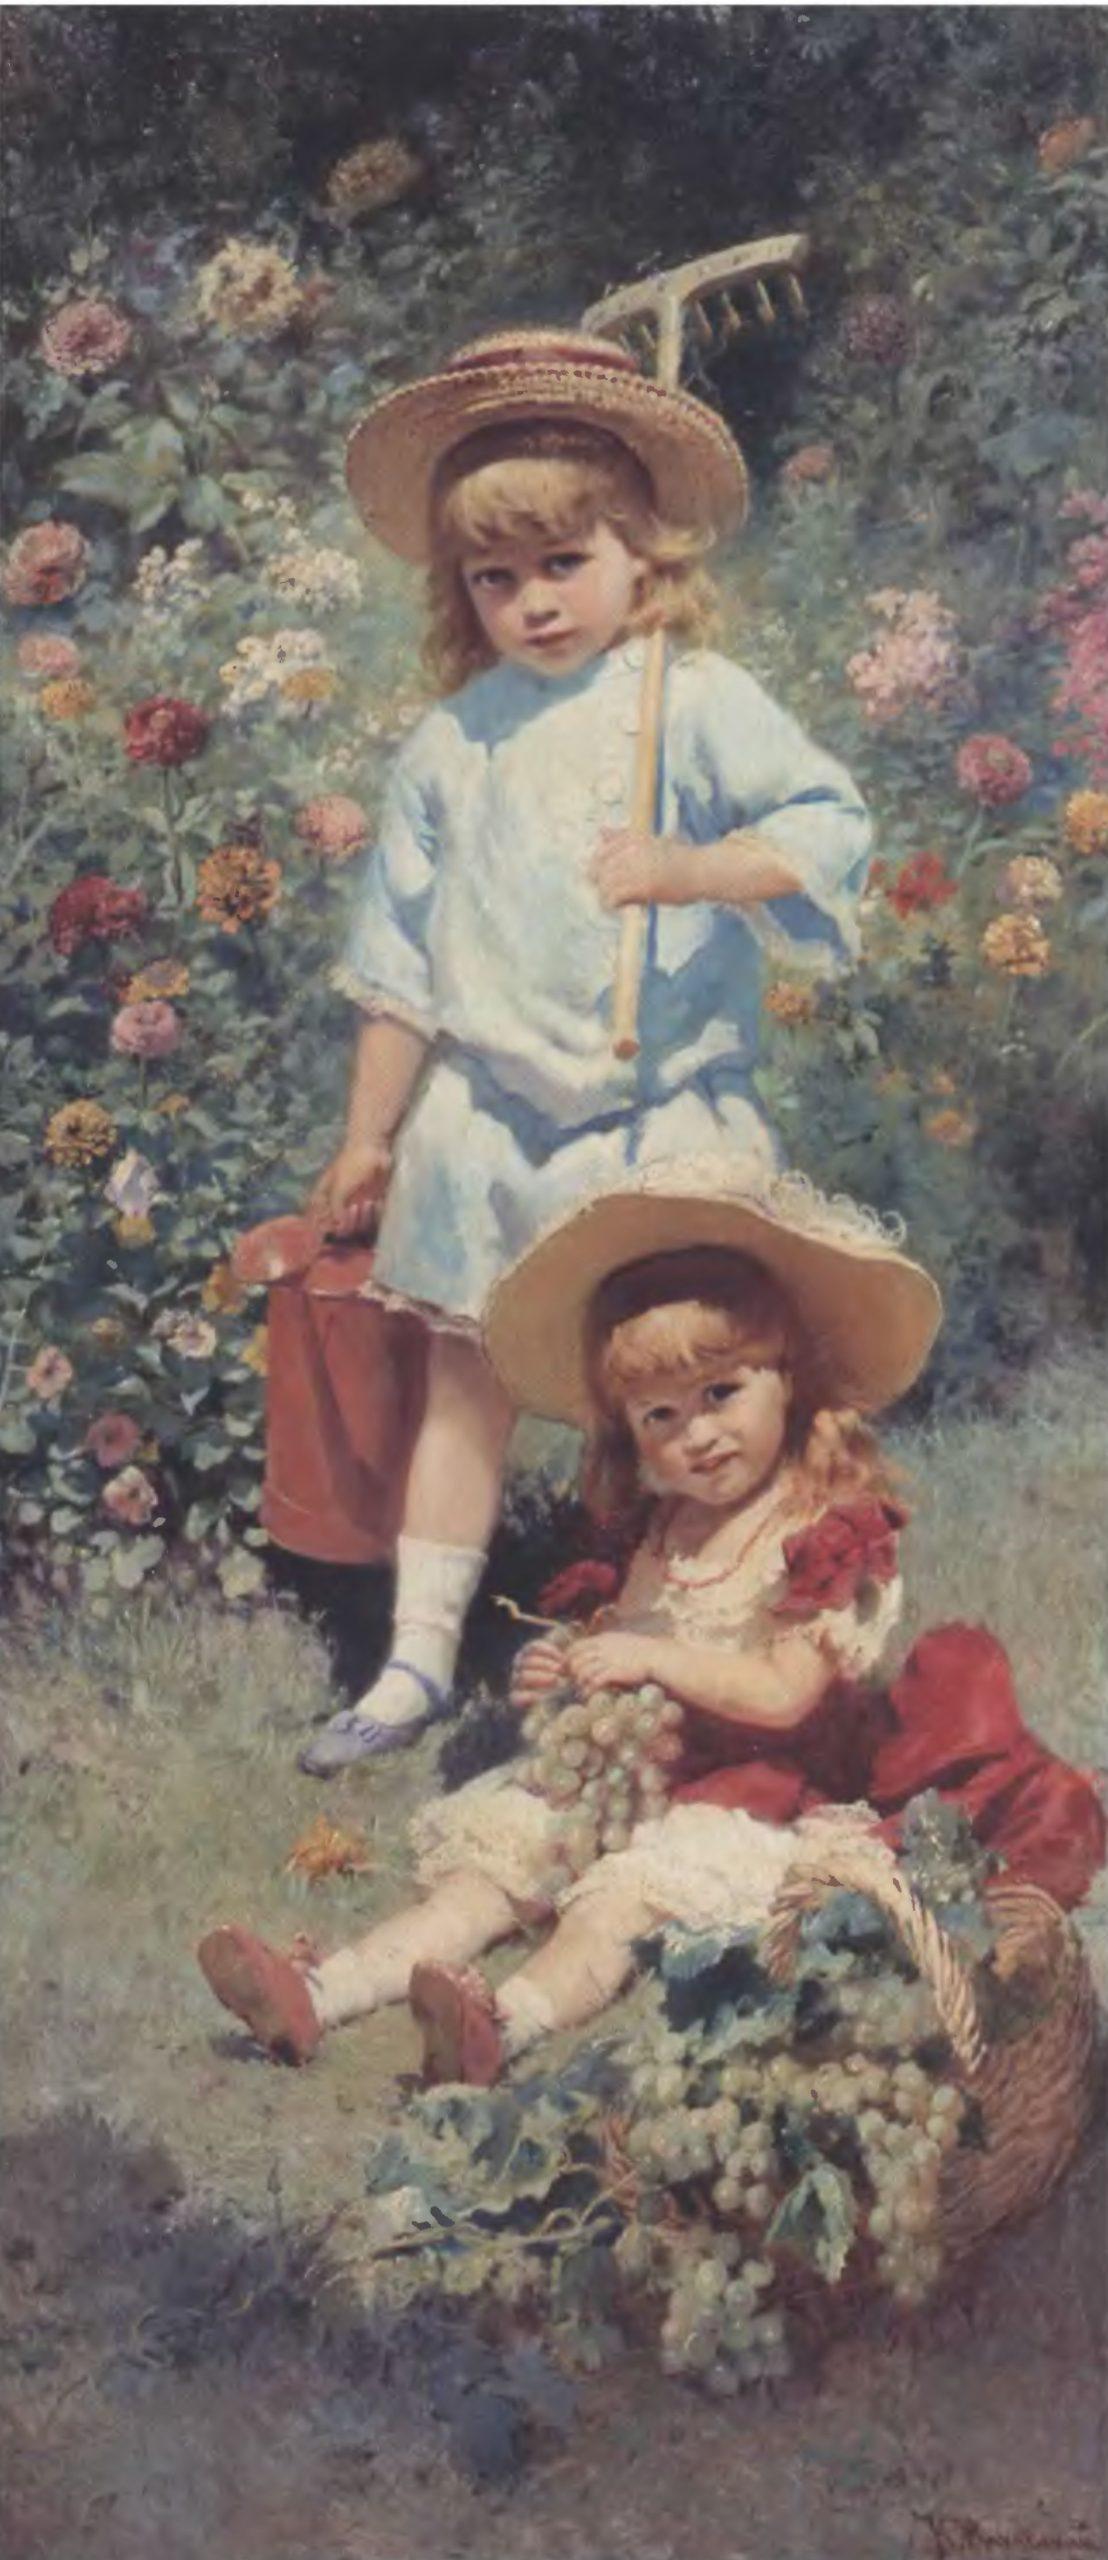 КОНСТАНТИН МАКОВСКИЙ. Портрет детей художника. 1882. Холст, масло. 192 х 82 см. Тверская областная картинная галерея